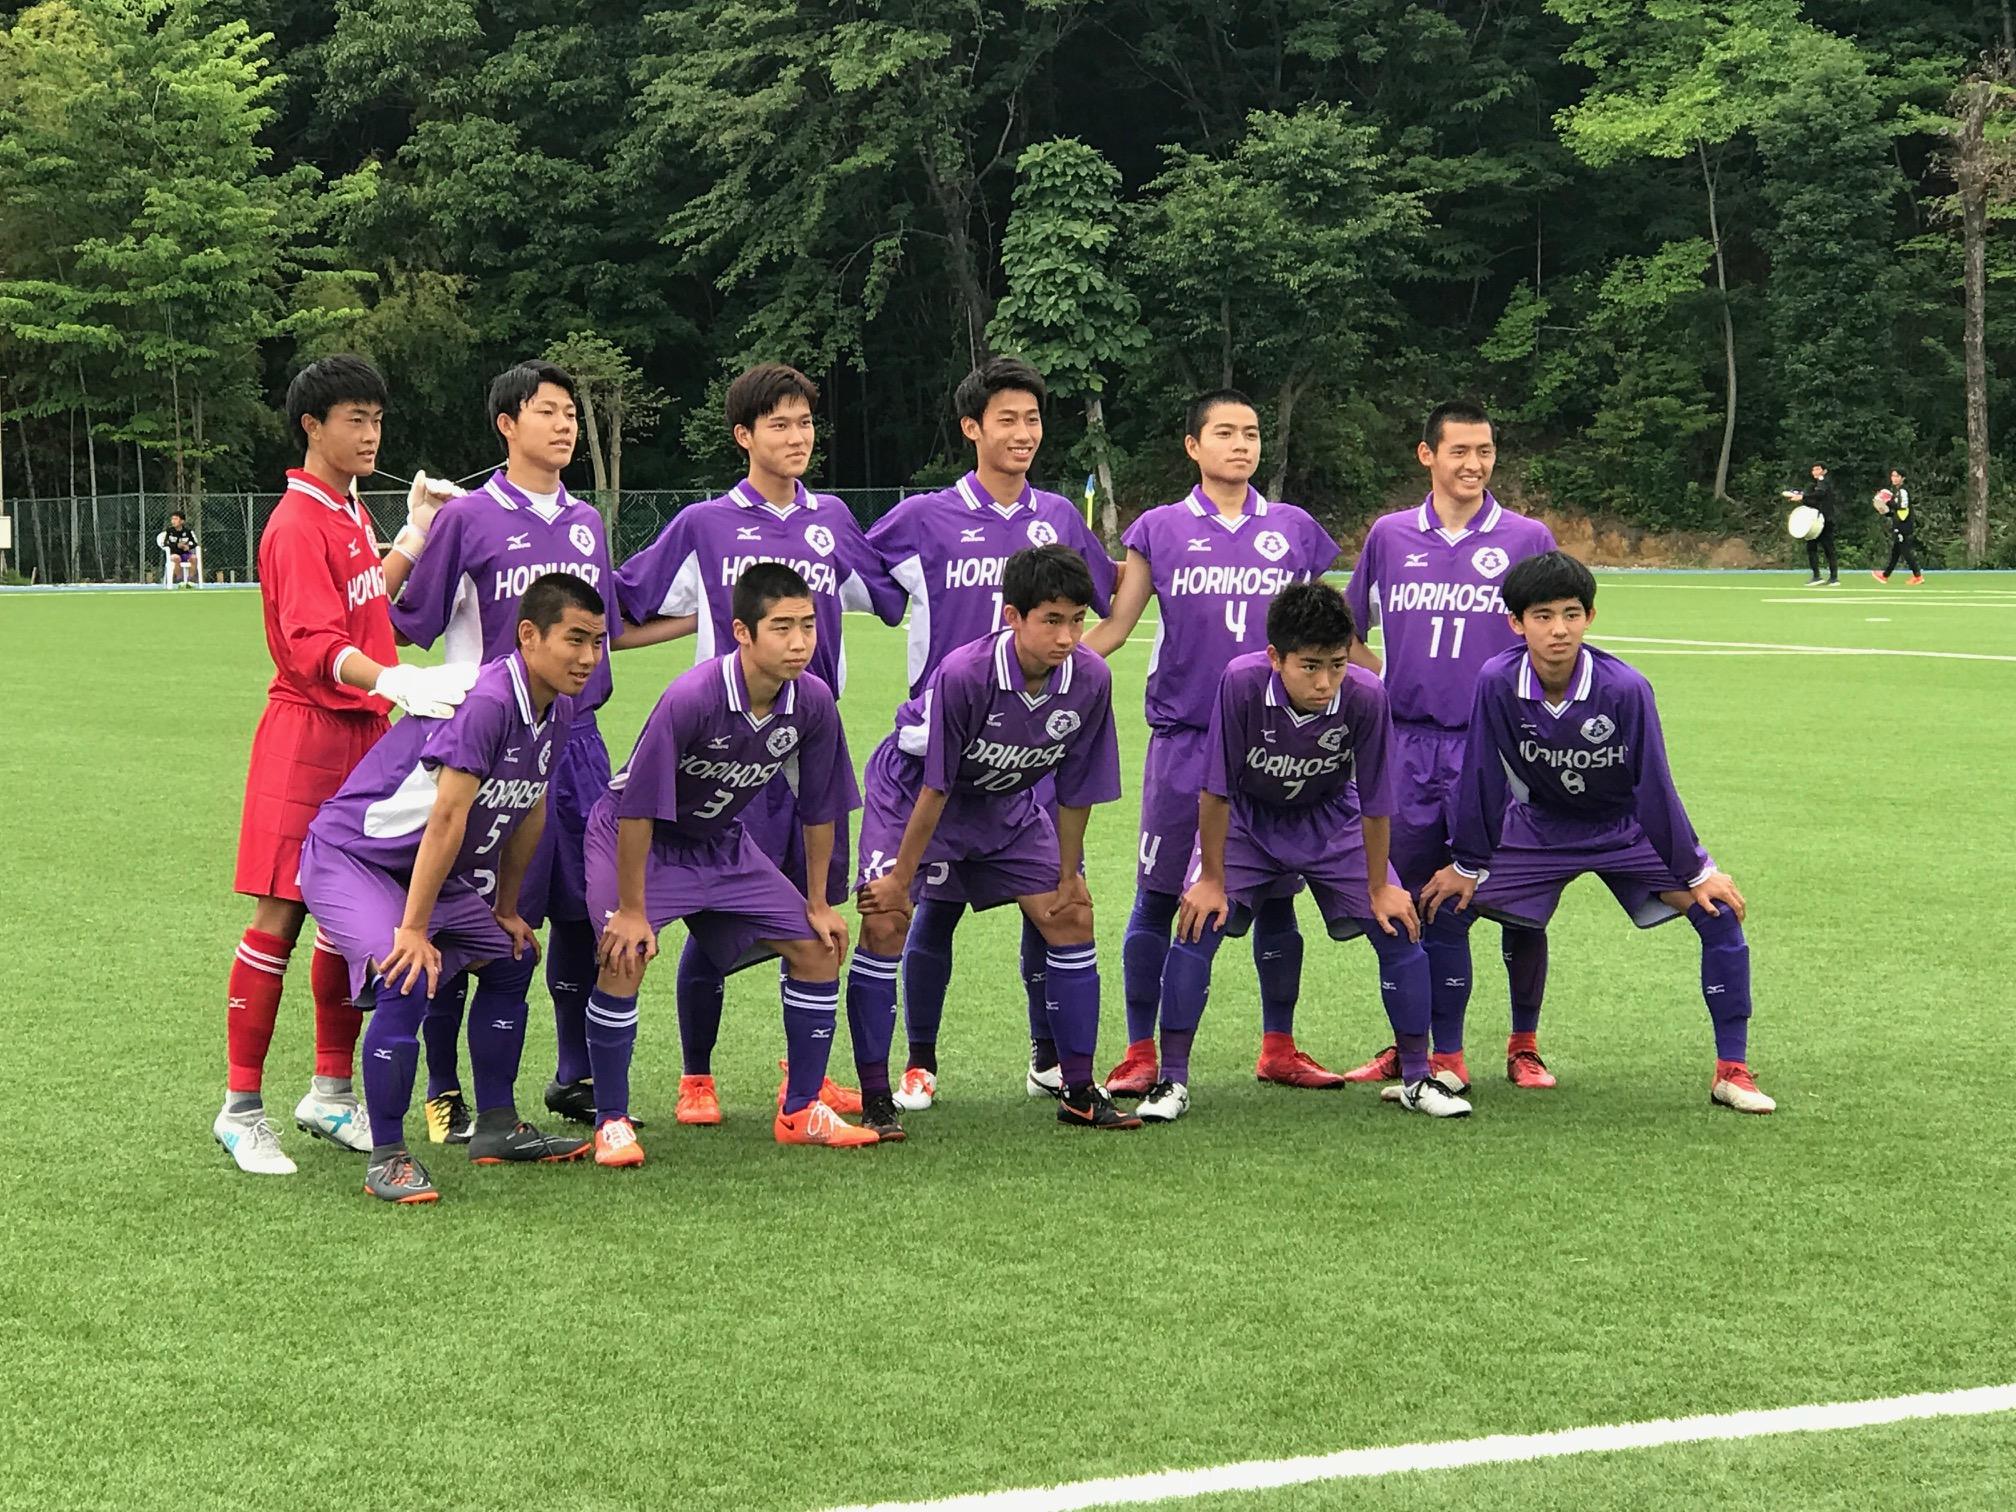 堀越 高校 サッカー 堀越高校サッカー部のメンバー2020-2021!監督や出身中学、注目選手を...